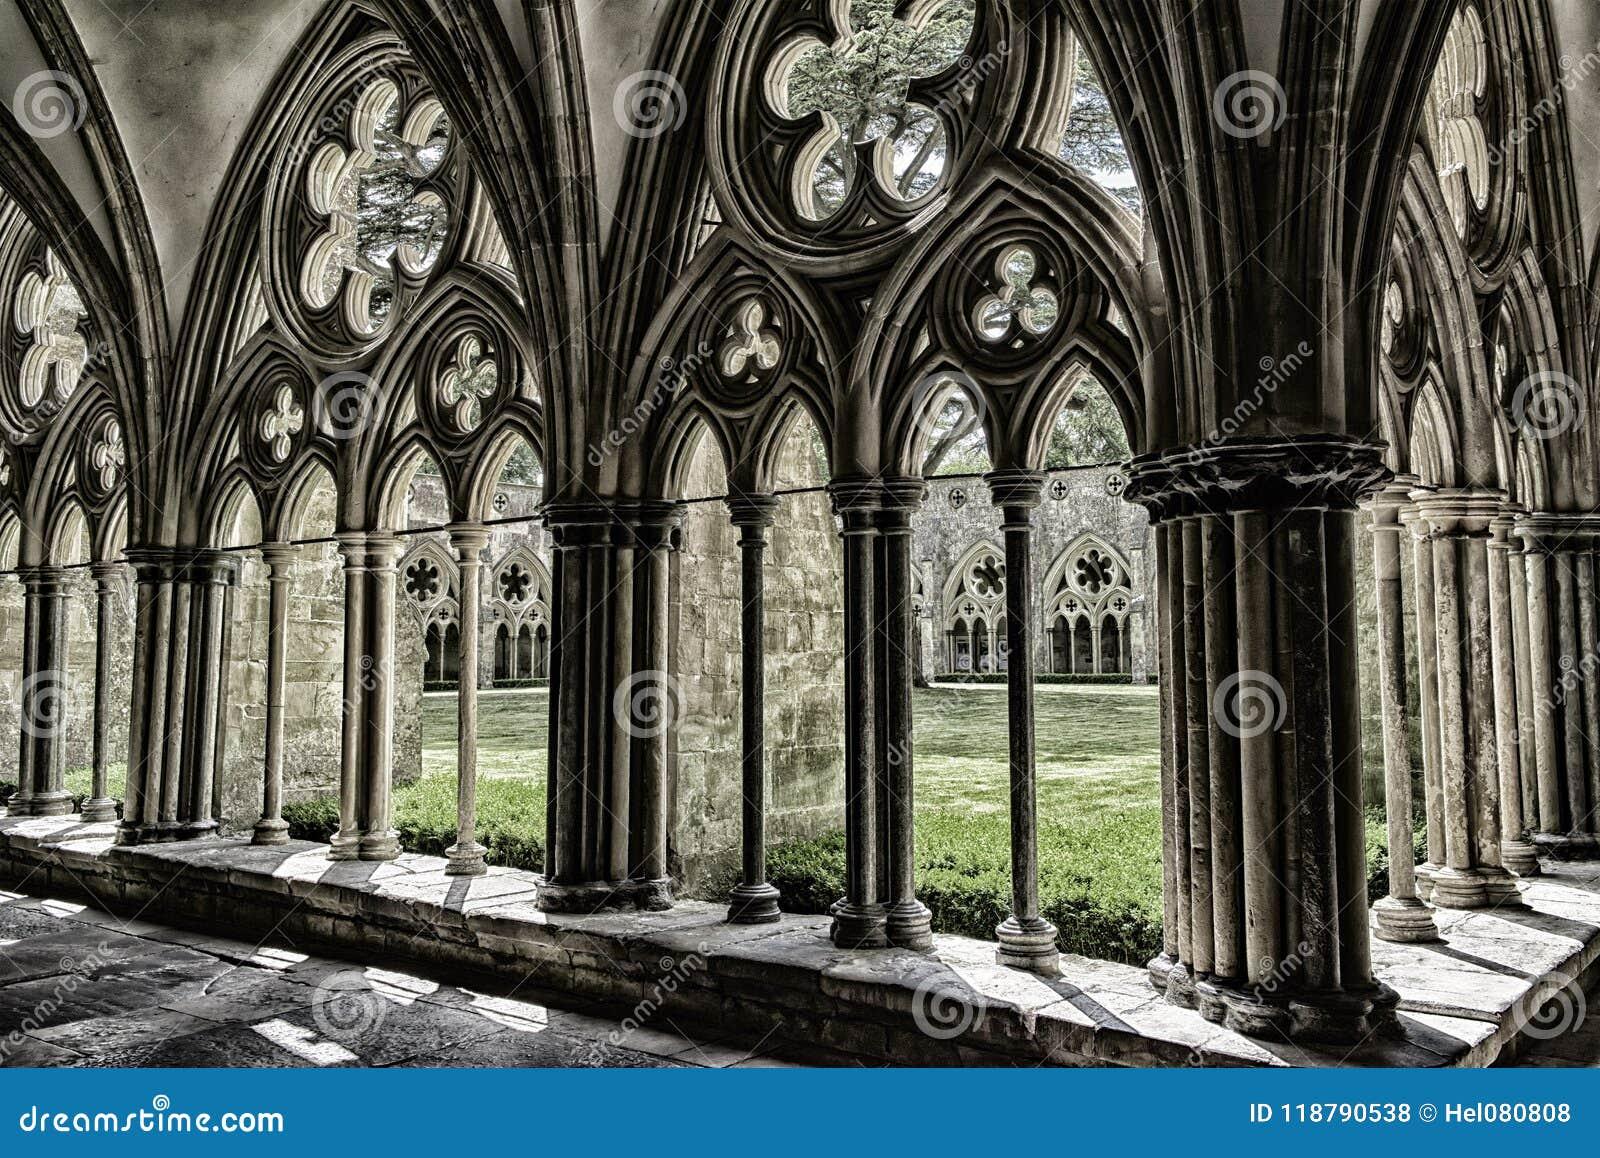 Собор Солсбери, agnificent геометрическая картина средневекового искусства